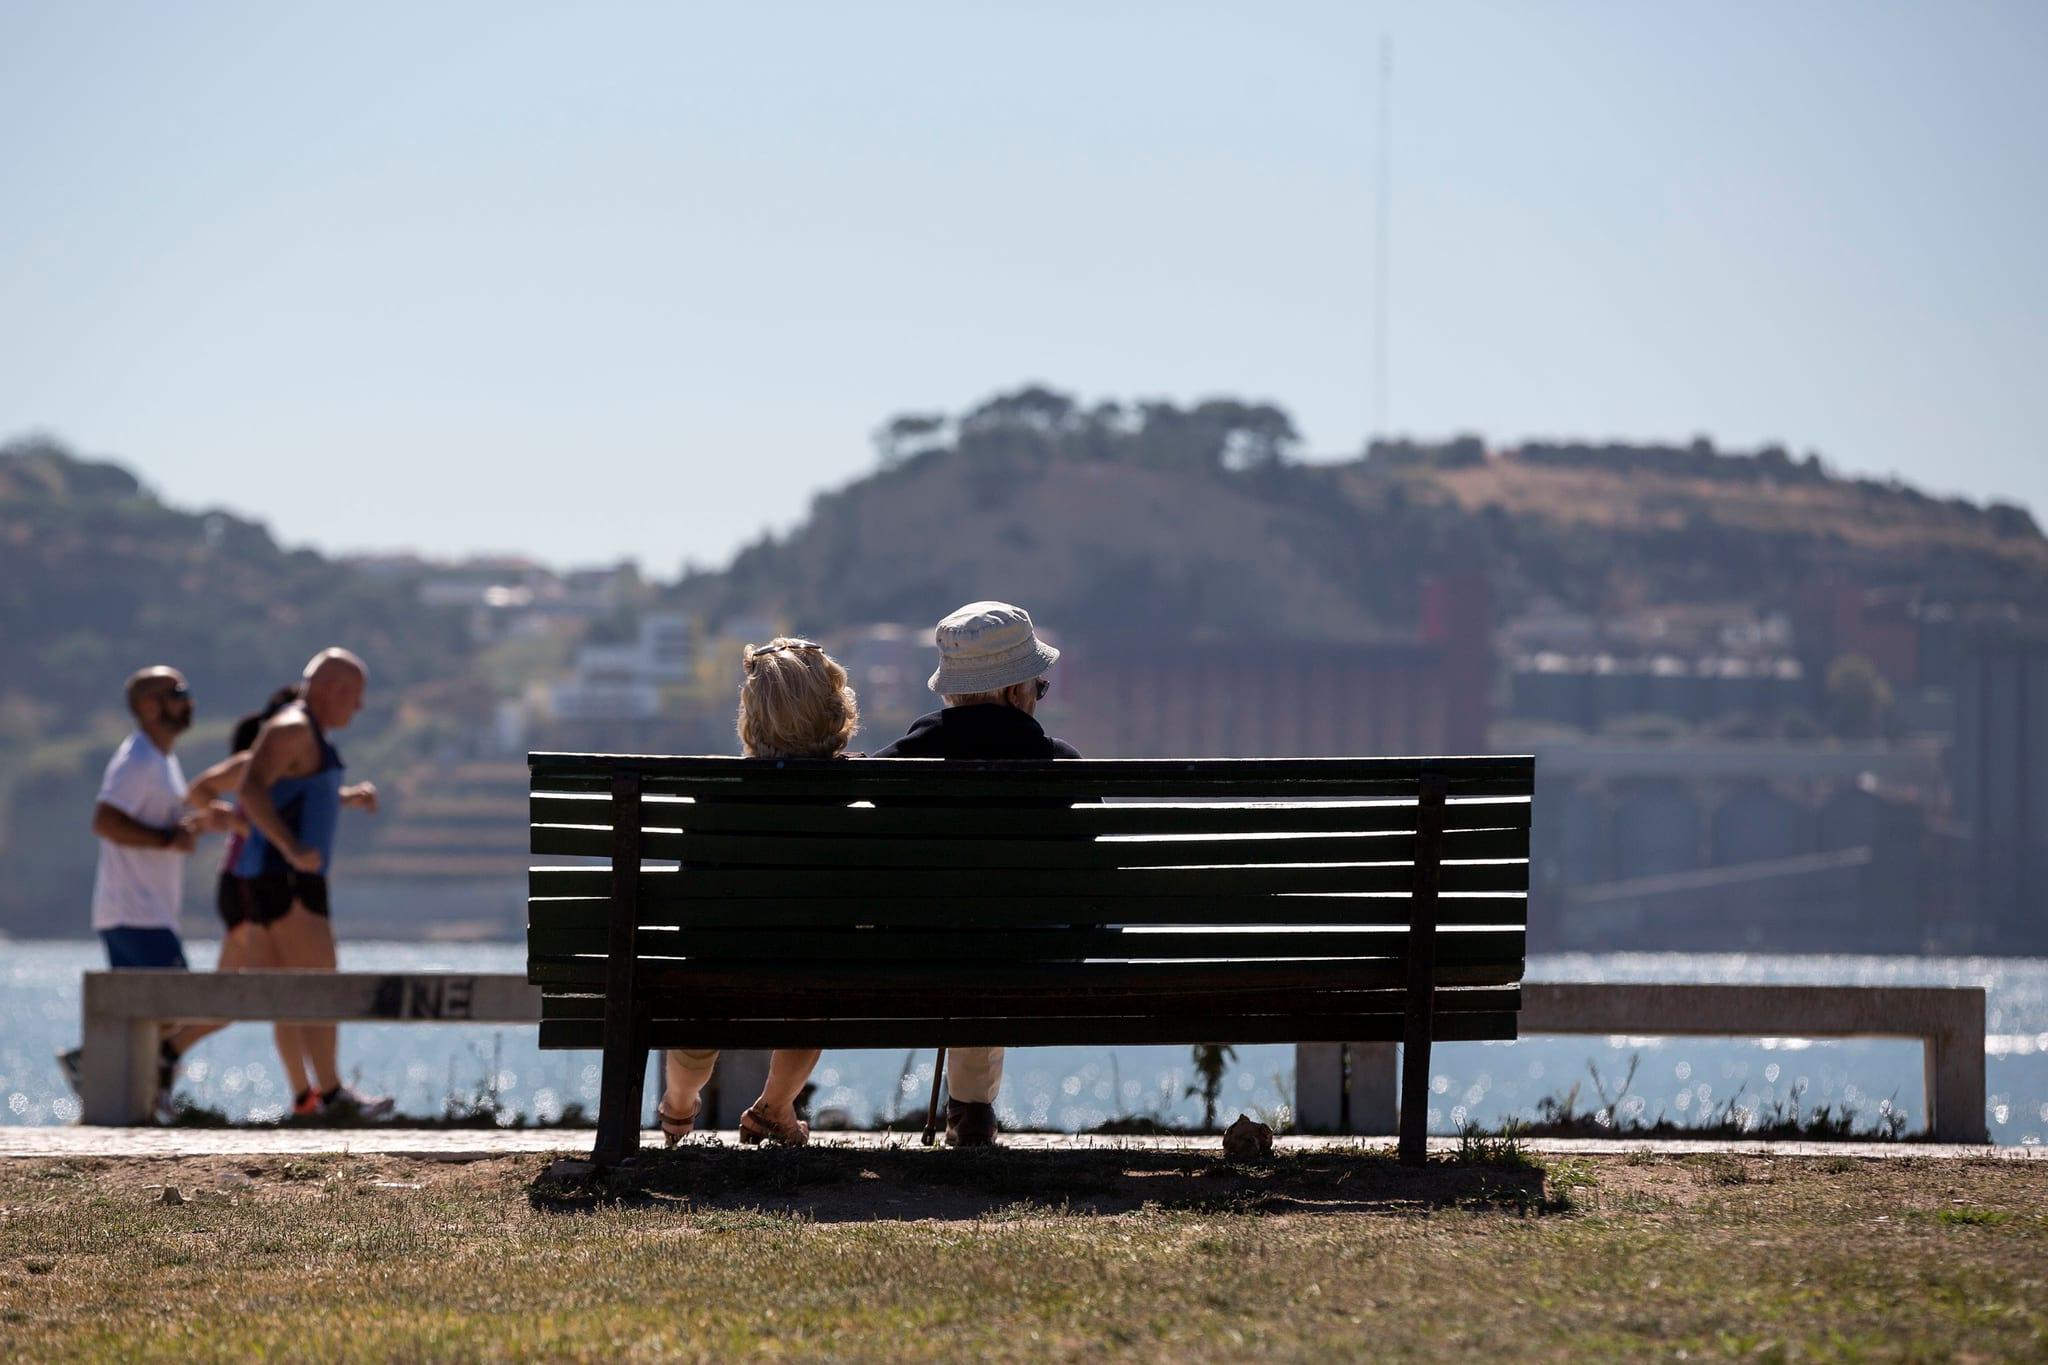 PÚBLICO - Só um quarto dos portugueses mais velhos diz ter tido vida feliz